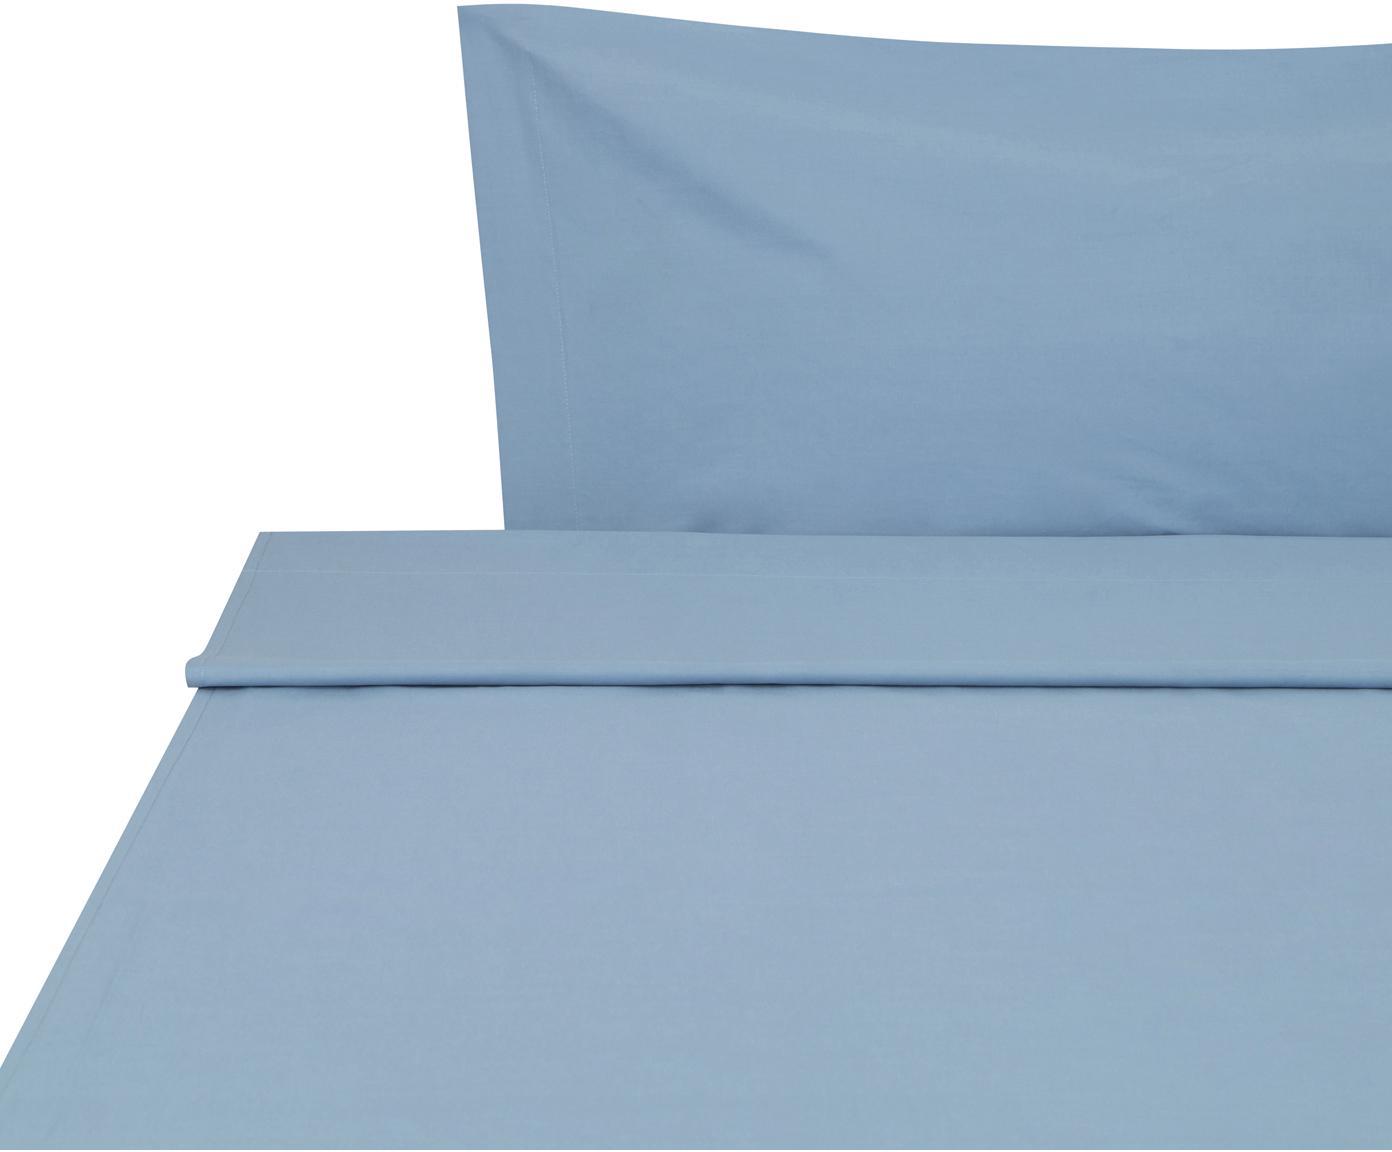 Sábana encimera Plain Dye, Algodón, Azul vaquero, Cama 90 cm (155 x 280 cm)